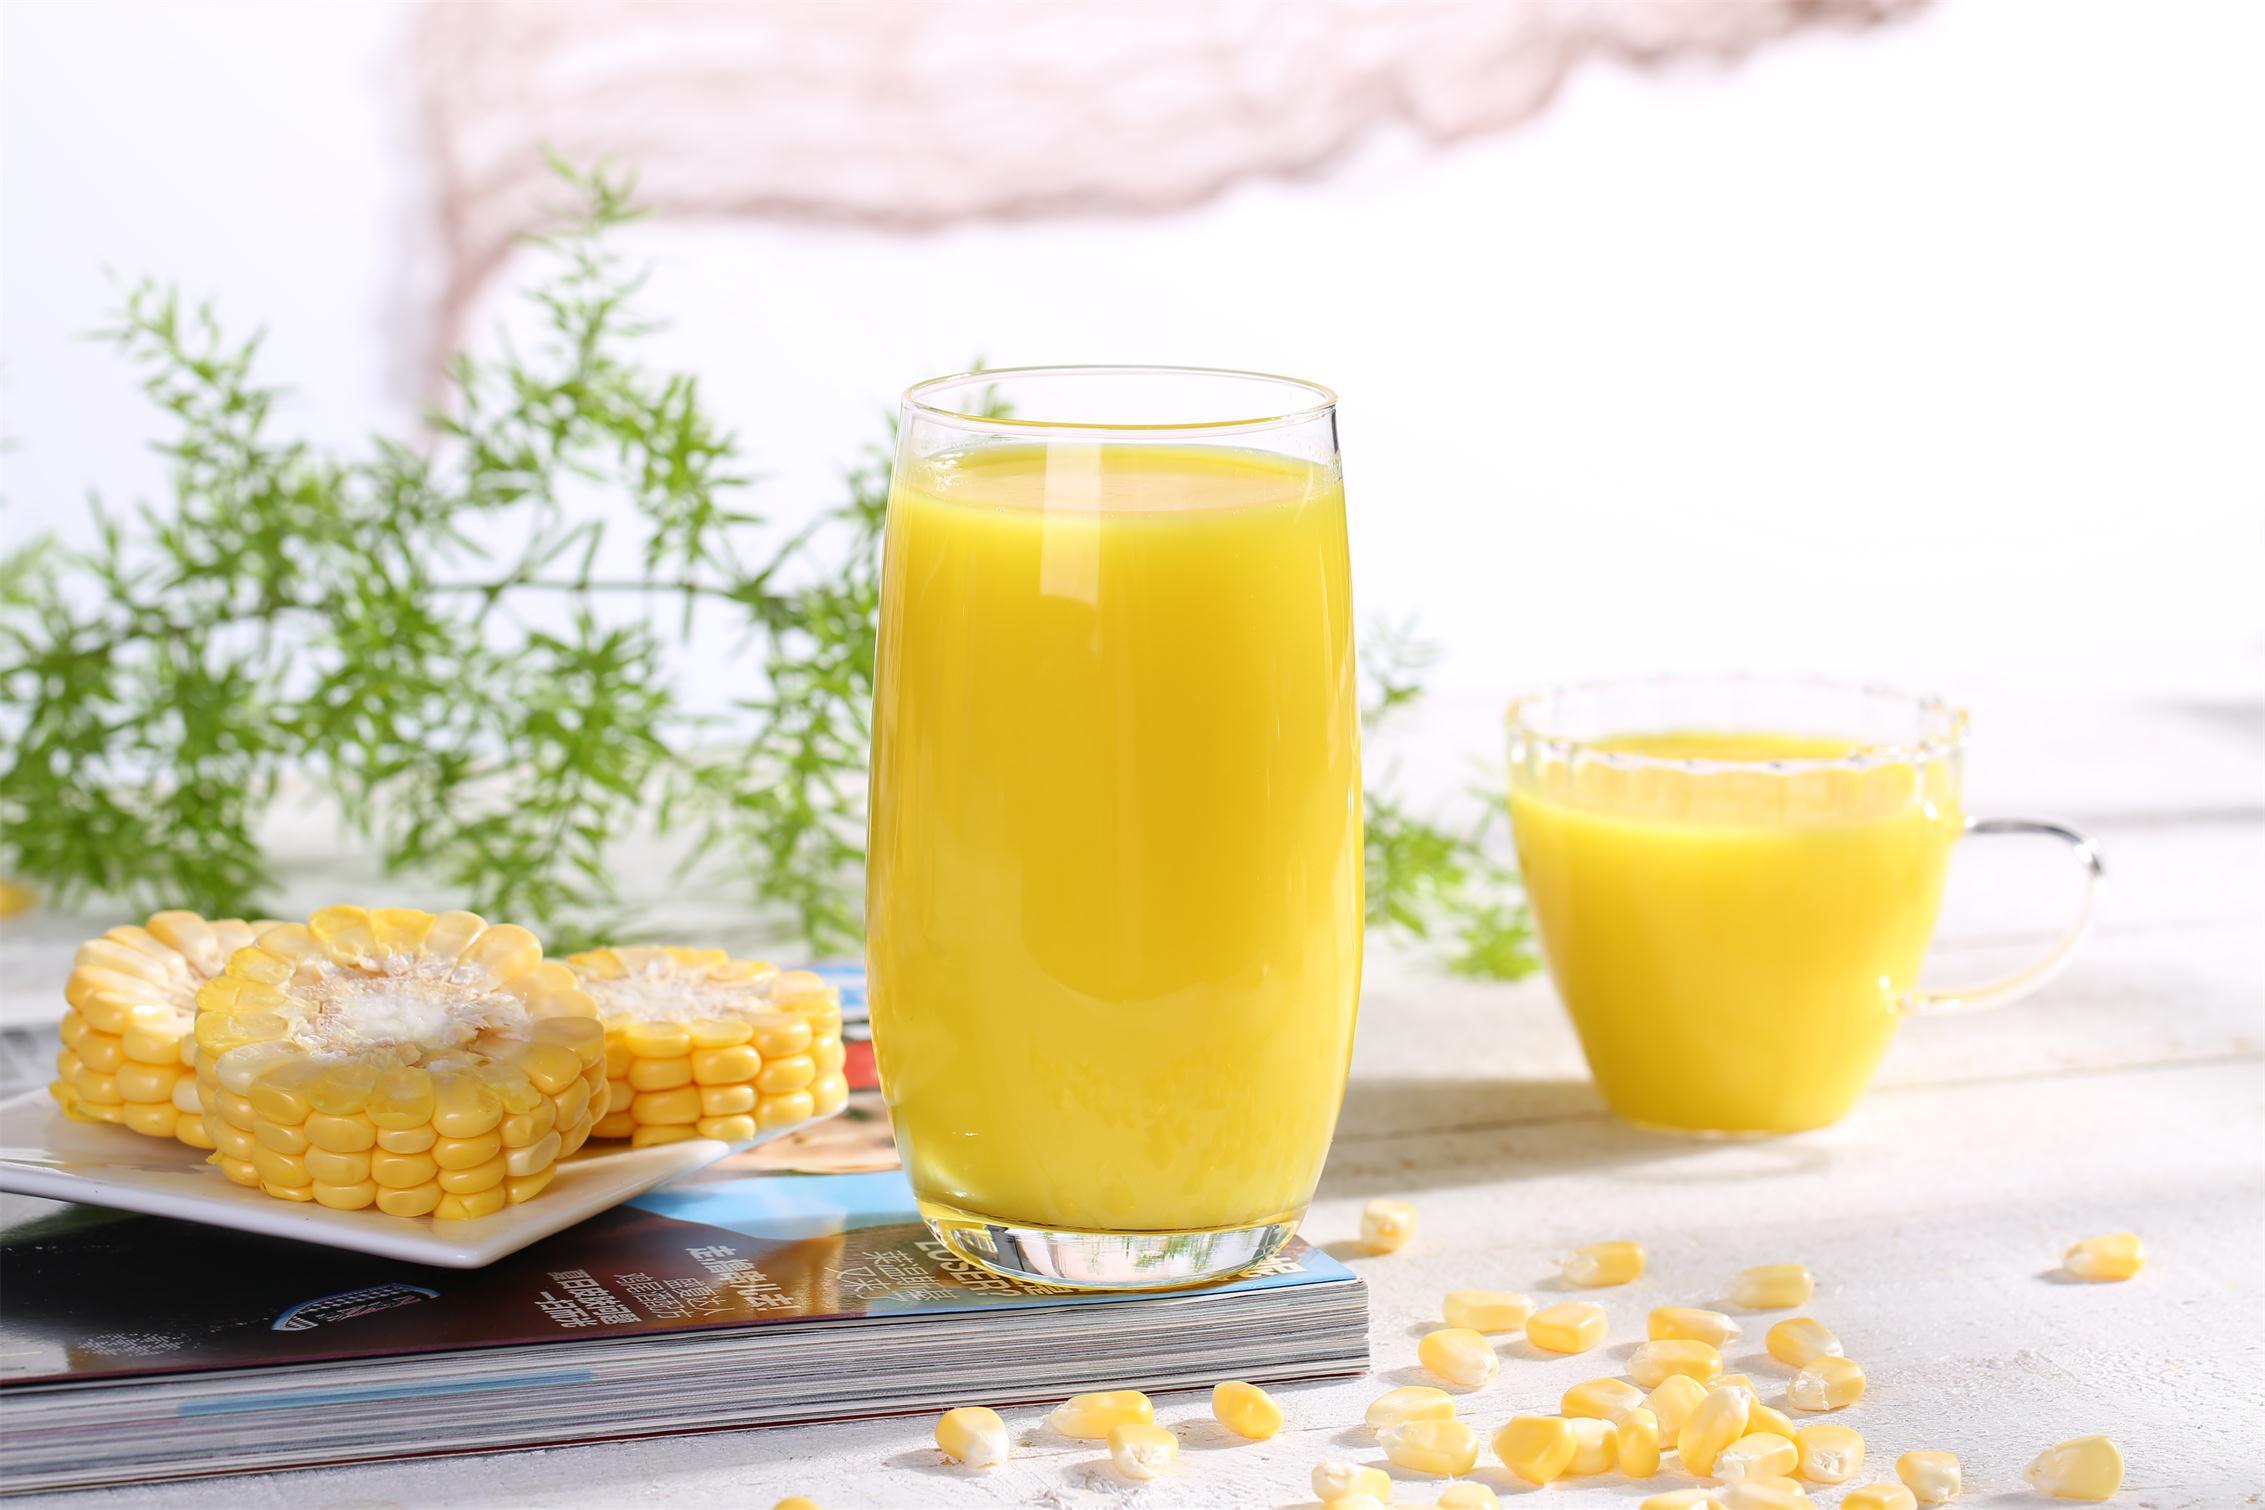 品世粗粮玉米汁,营养健康好产品!